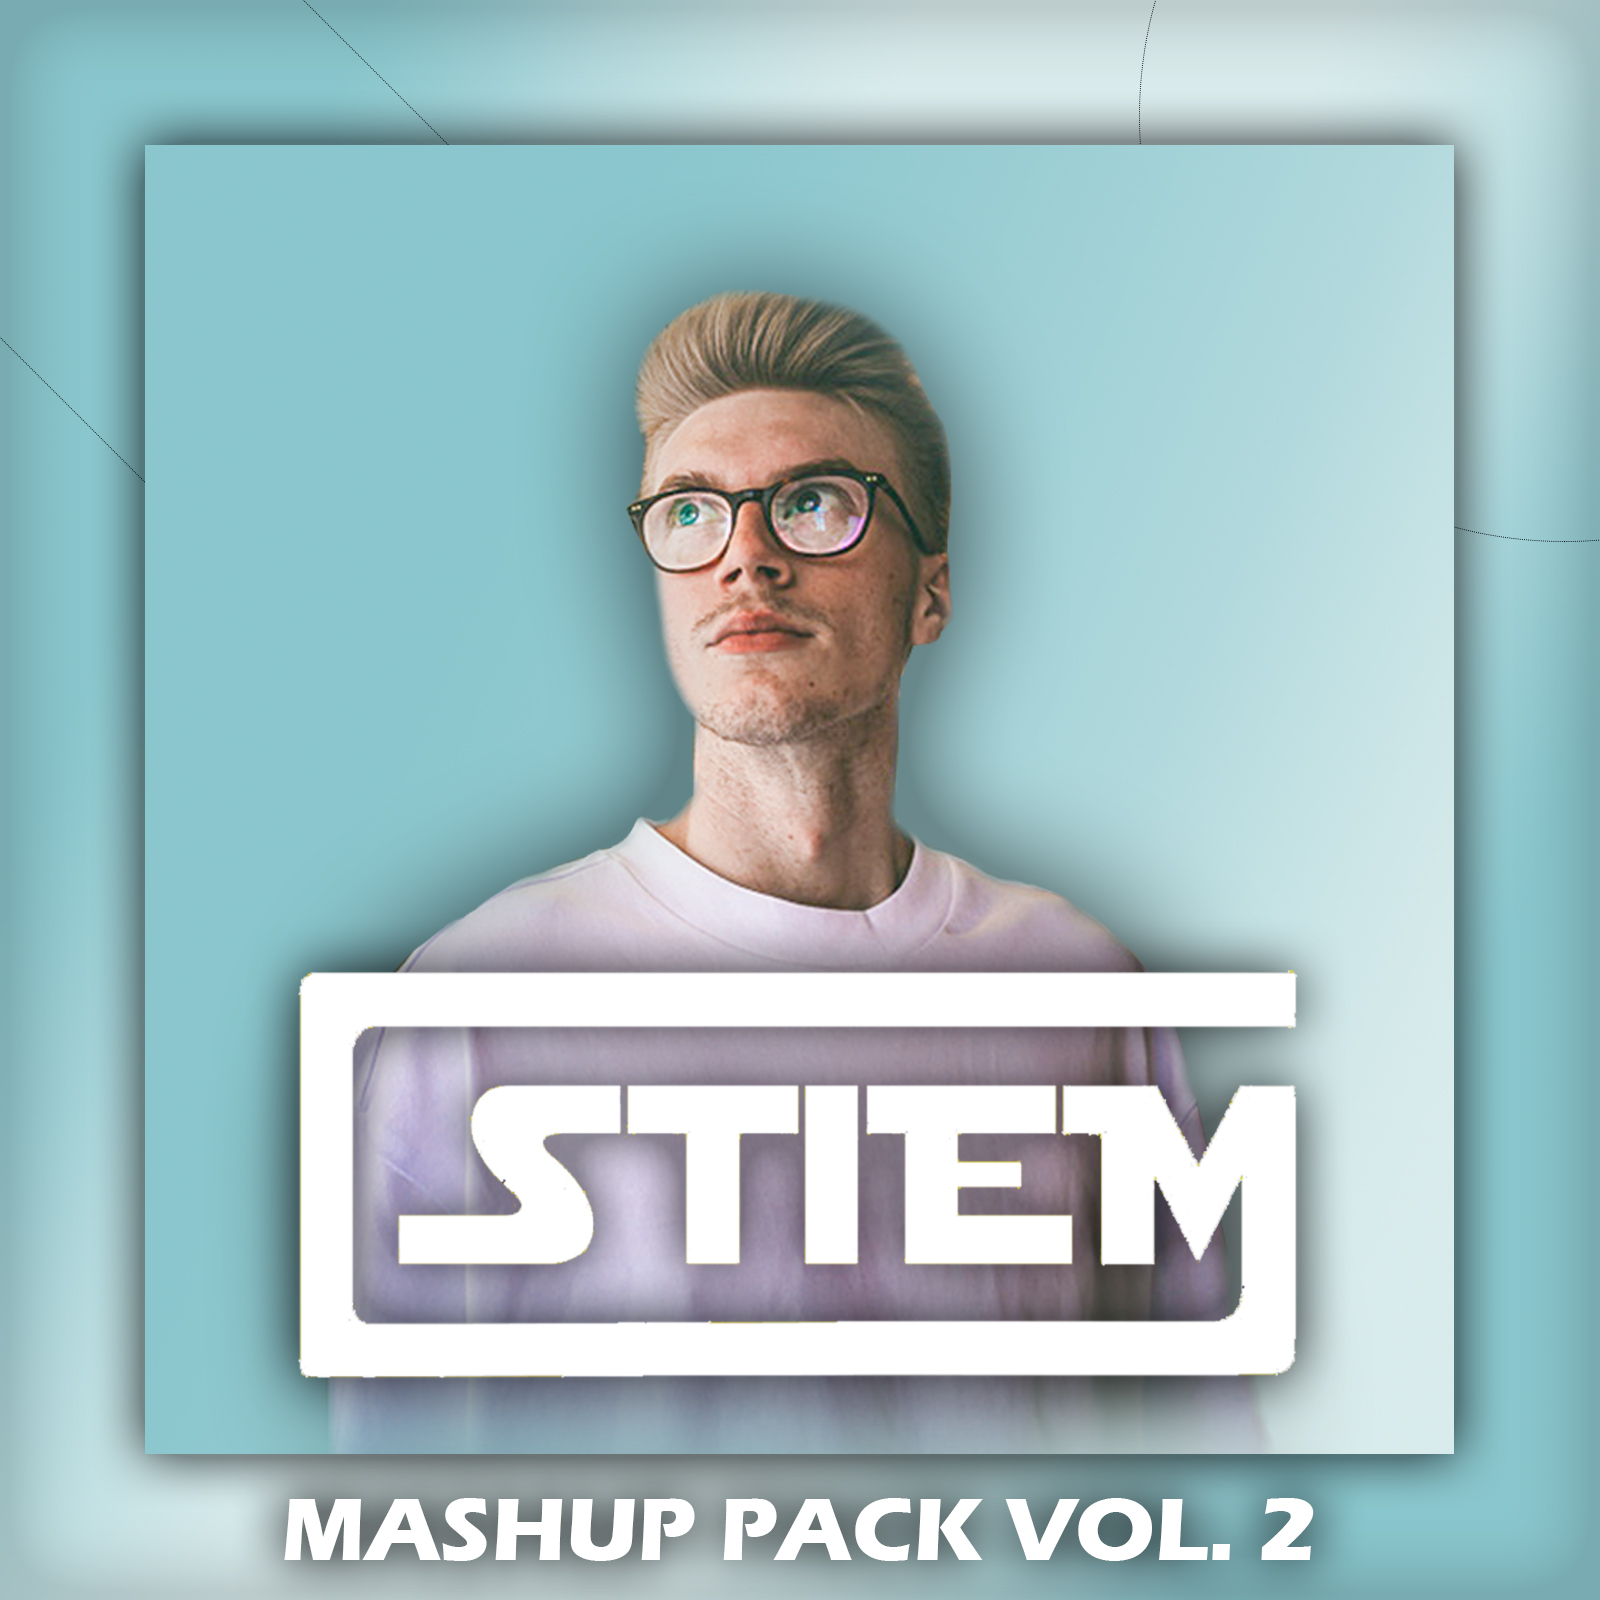 Stiem - Mashup Pack Vol. 2